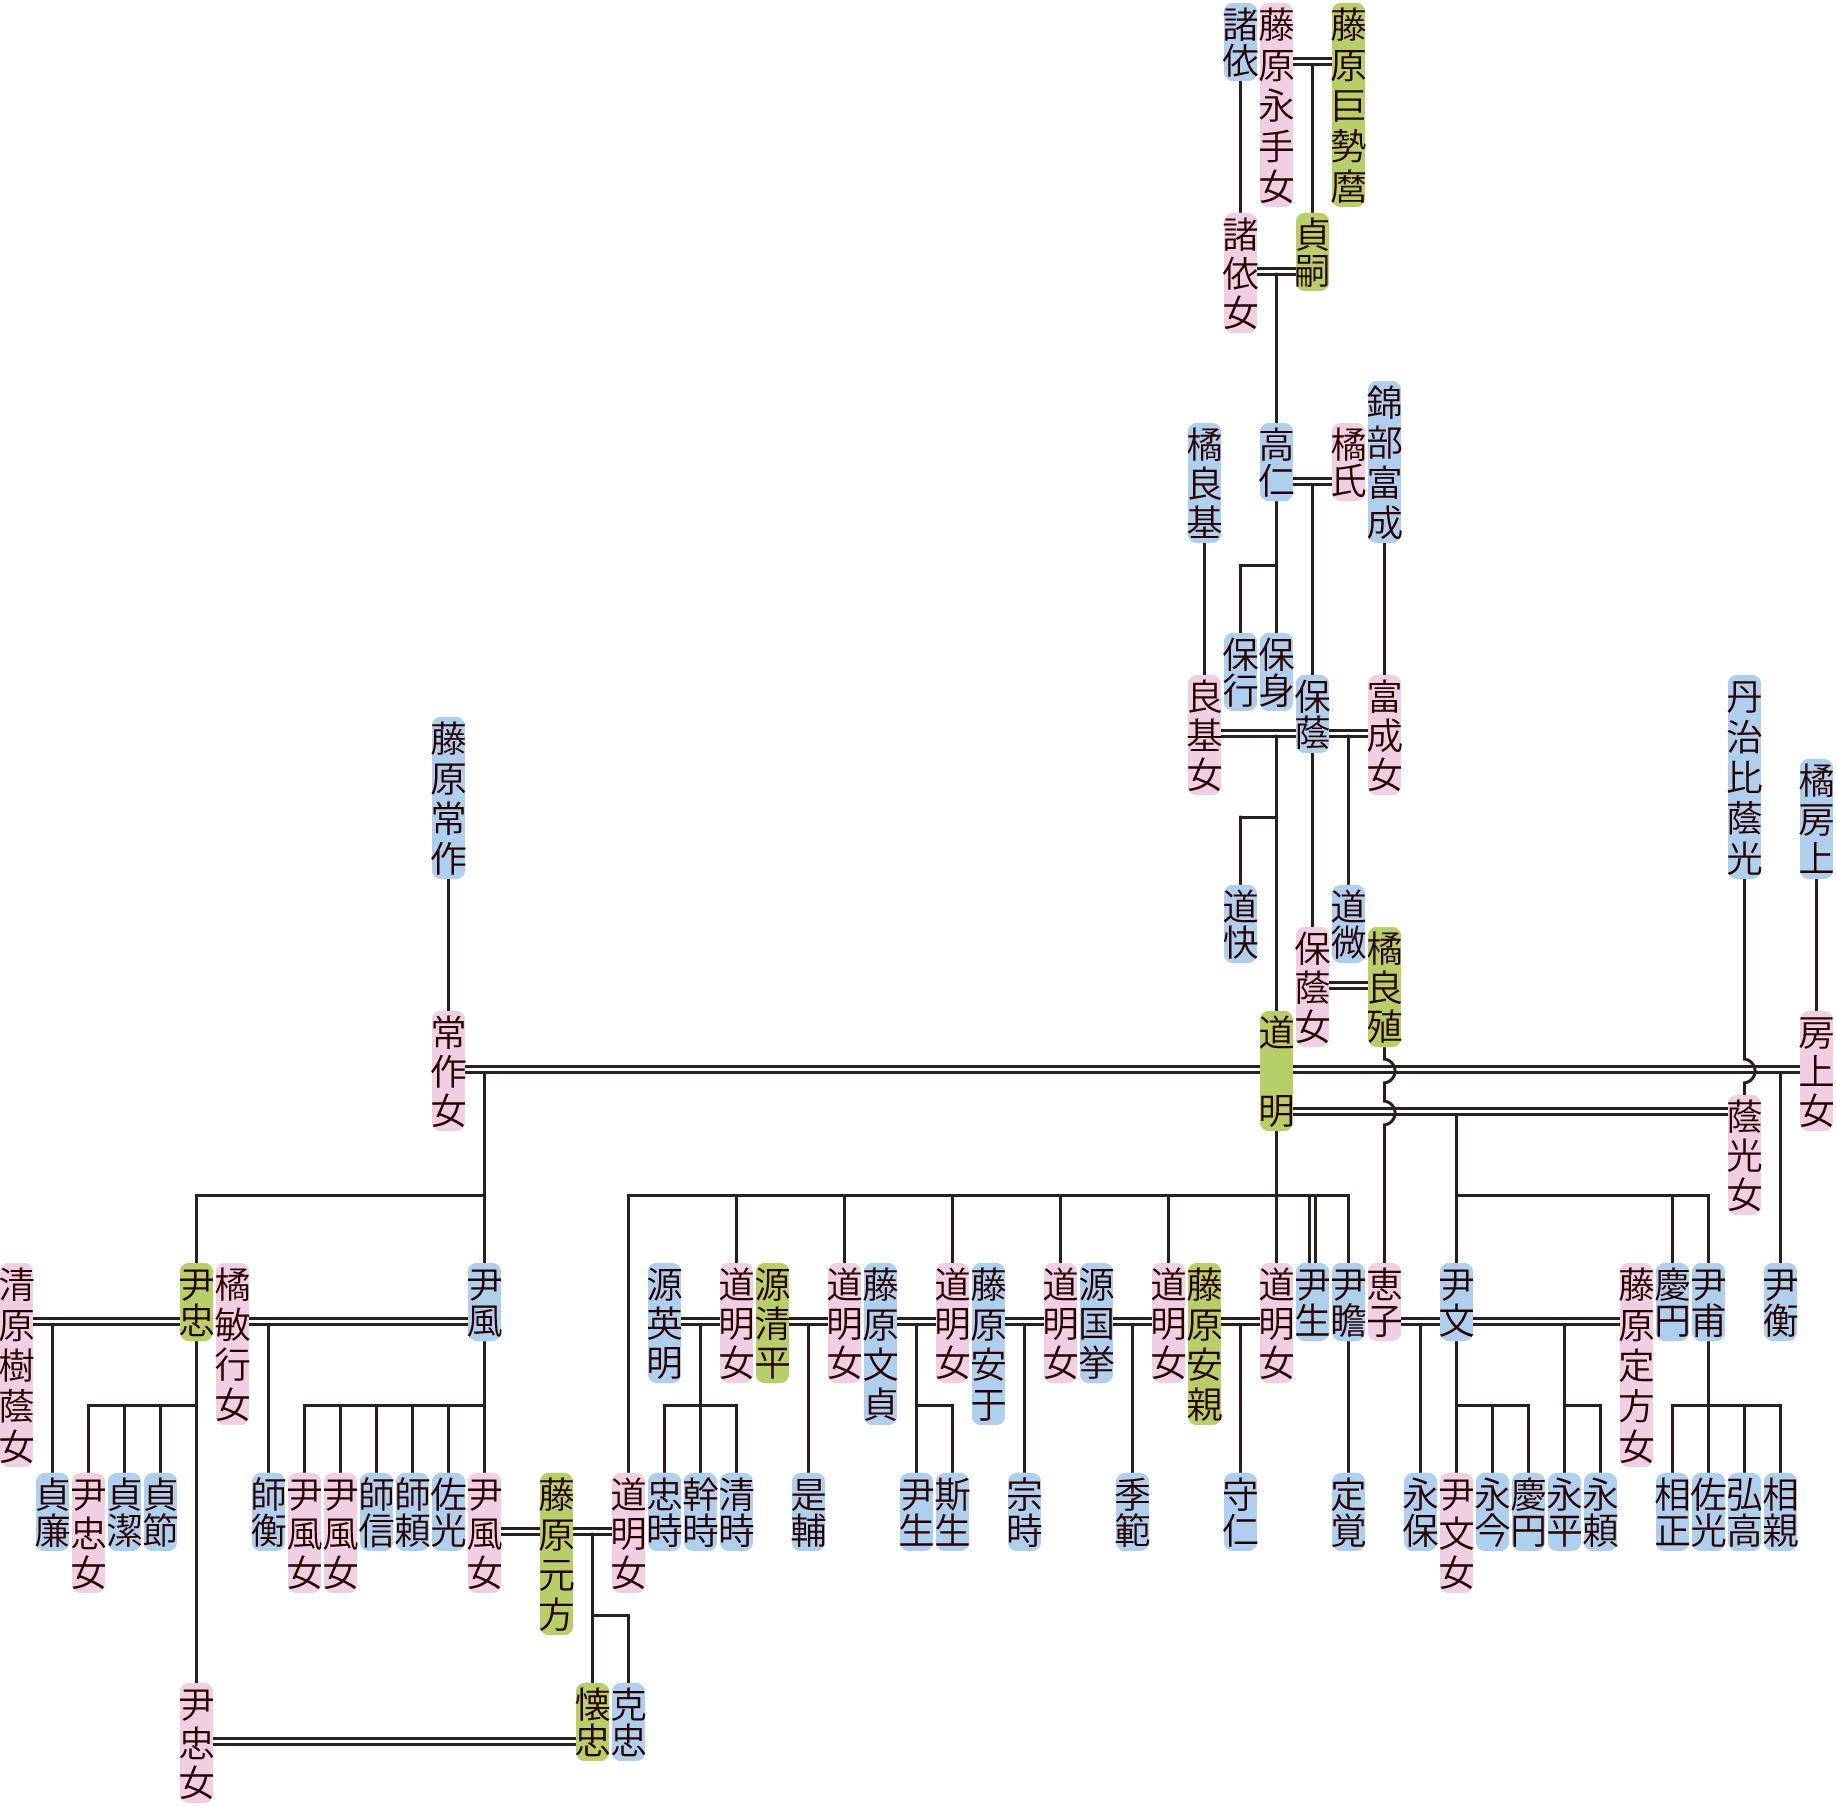 藤原高仁~道明の系図